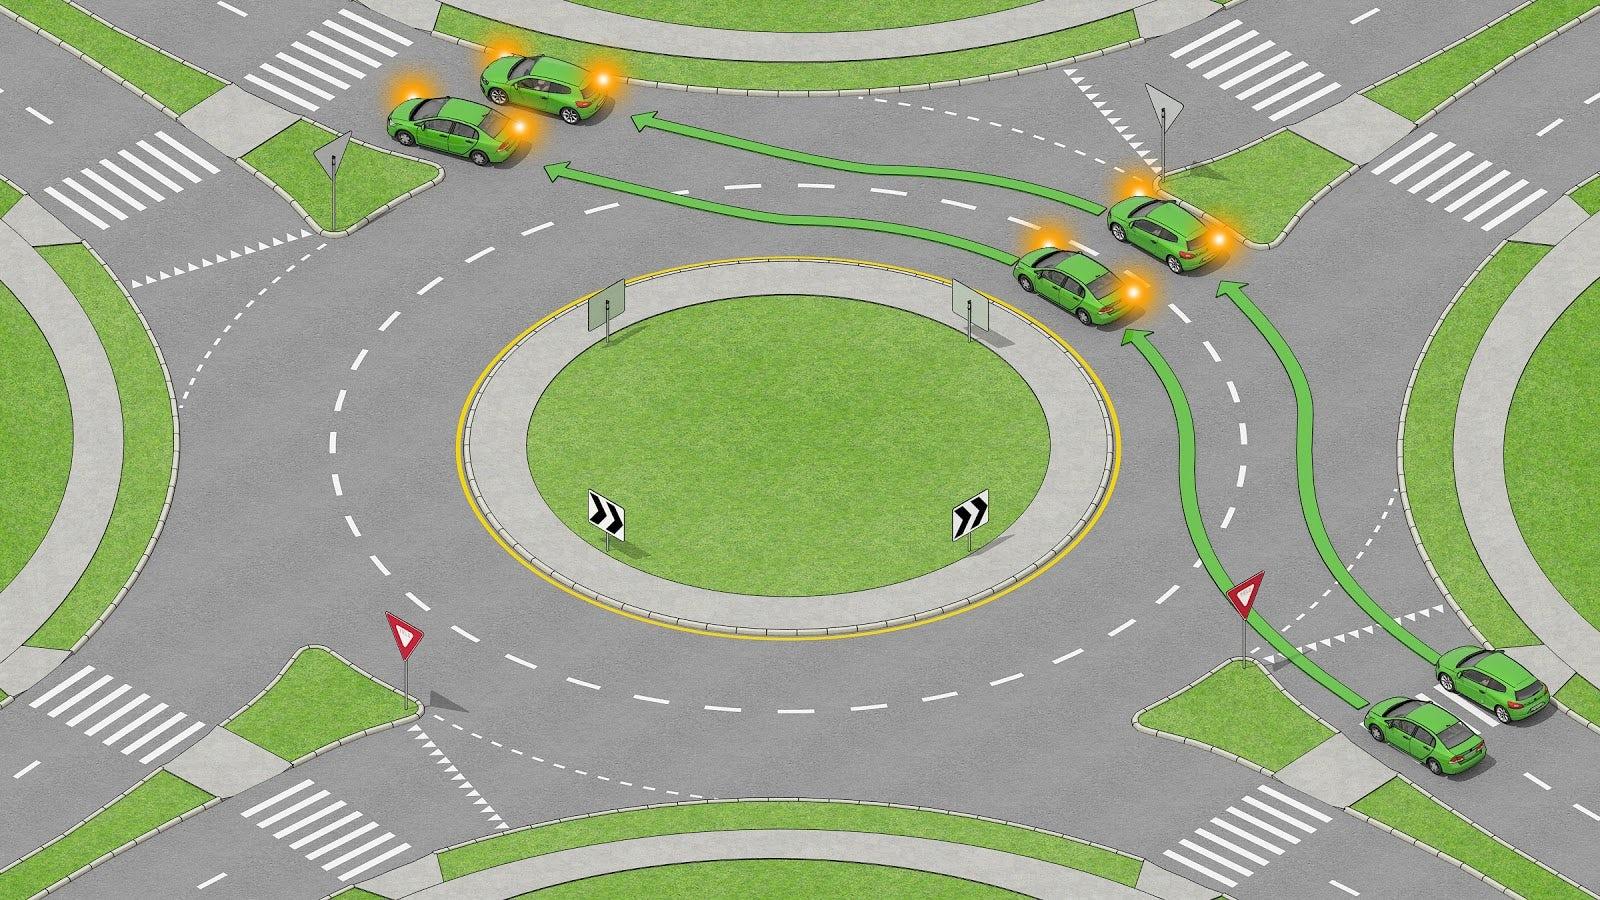 Två bilar som kör i en tvåfilig rondell